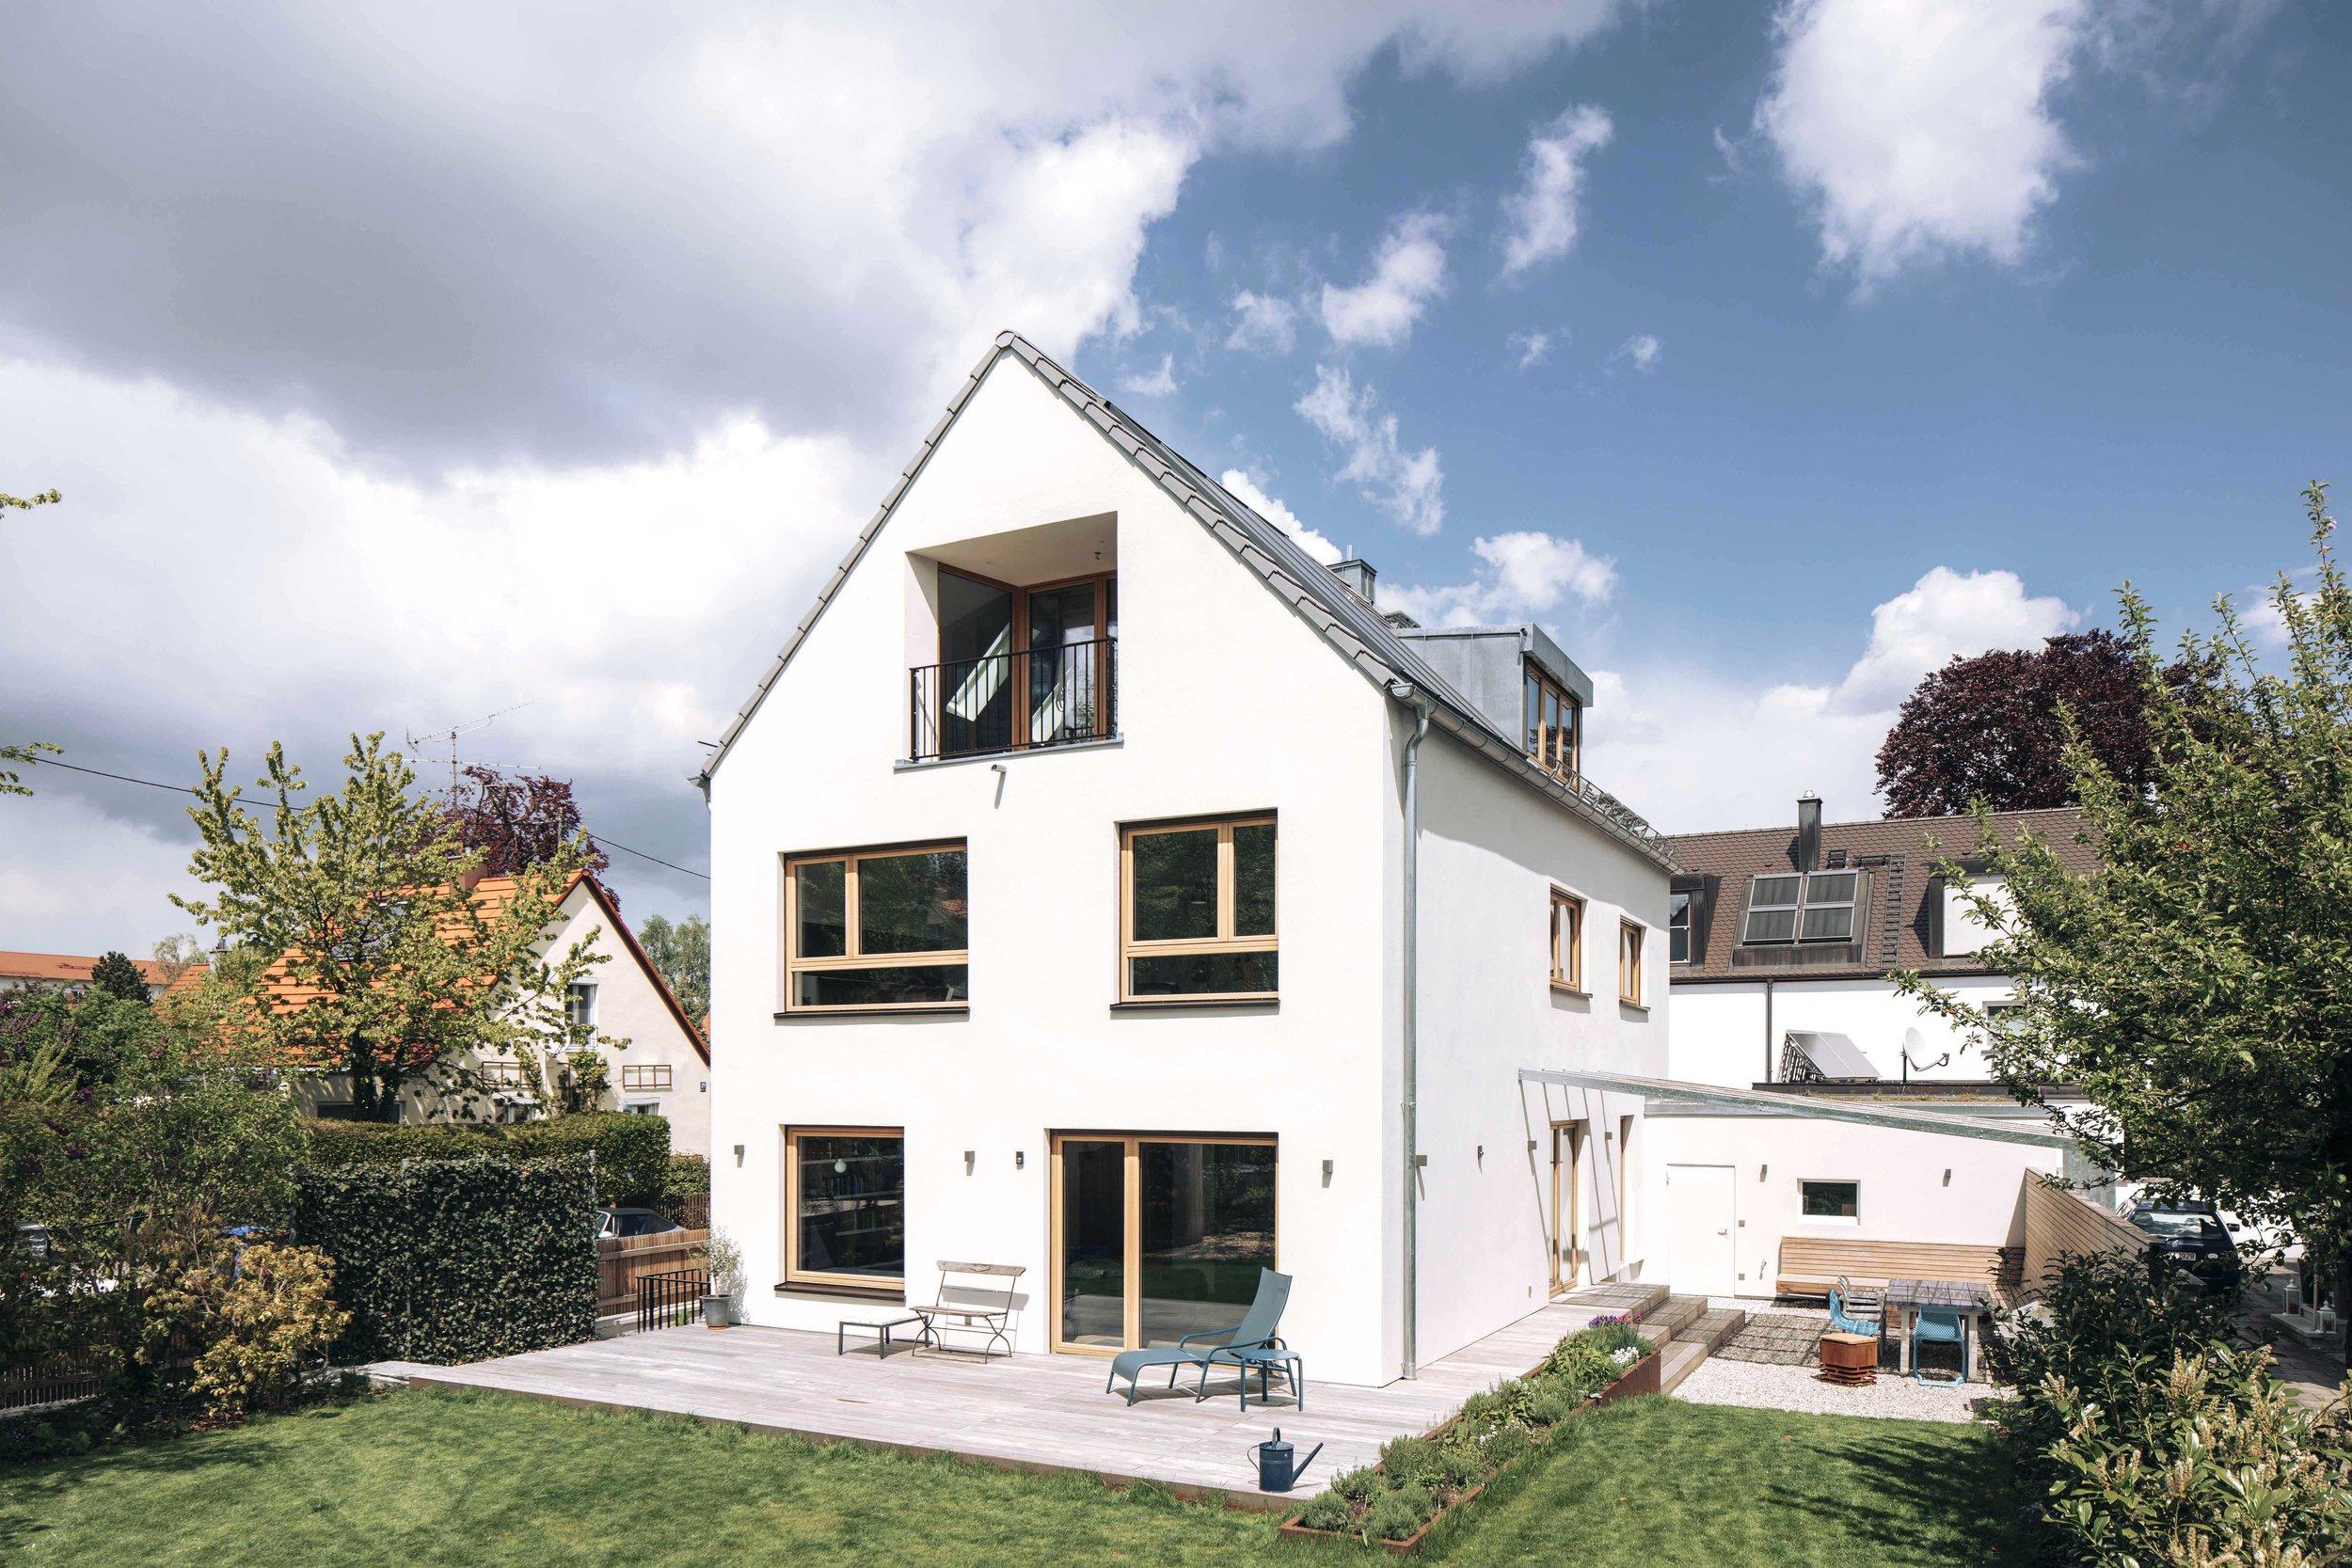 Architekturbuero-Philipp+Moeller-Mu%CC%88nchen-Sanierung18.jpg